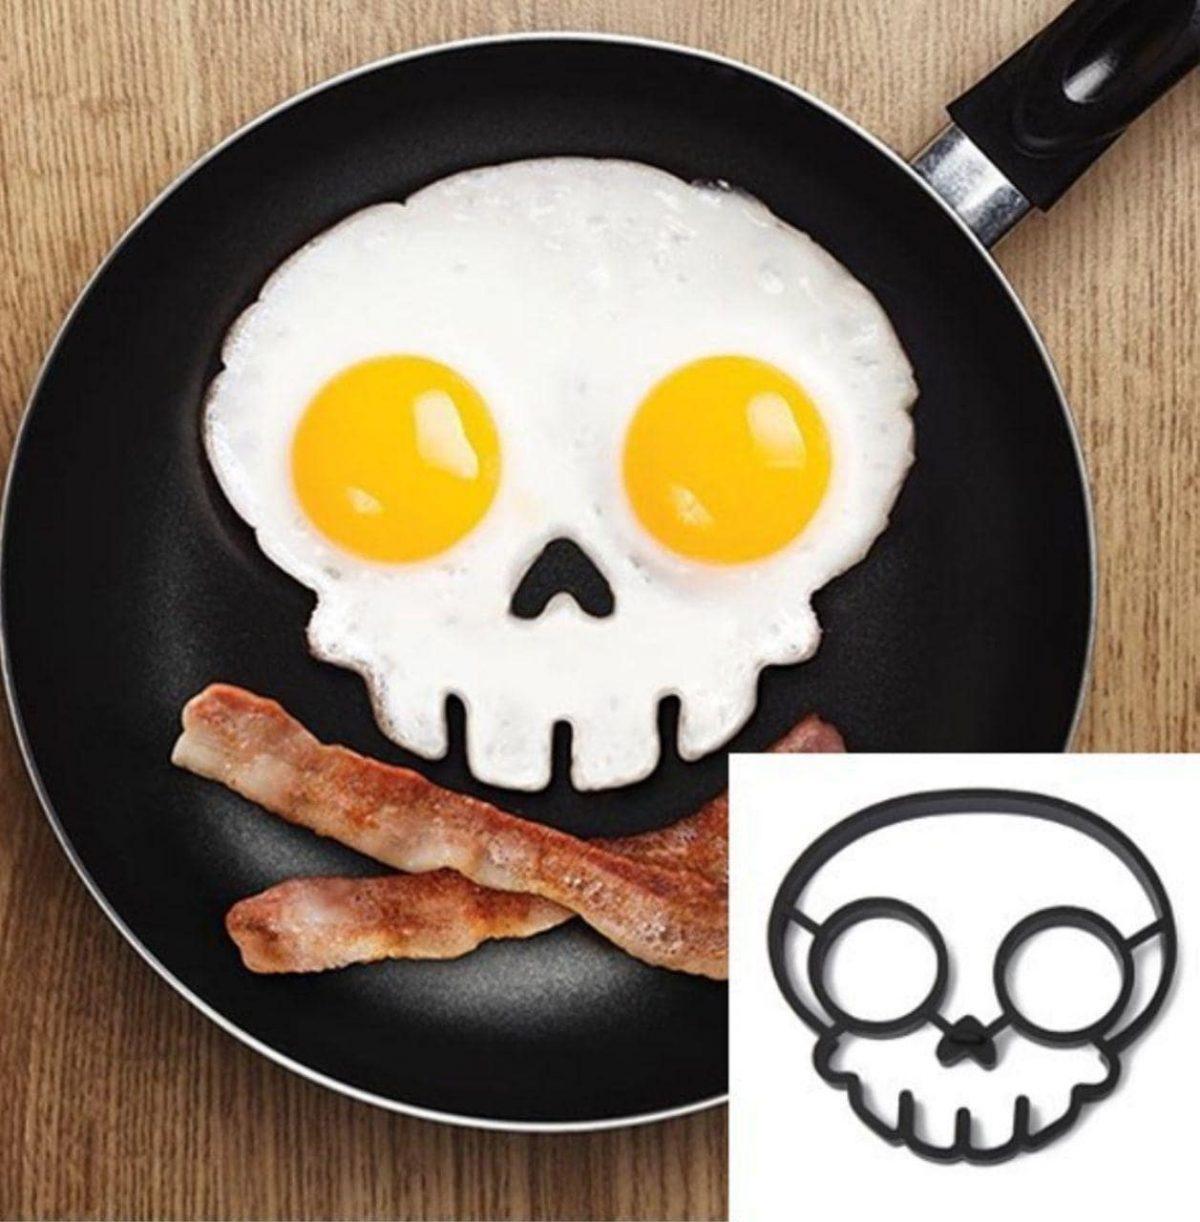 egg-ghaleb-egg-shape-product